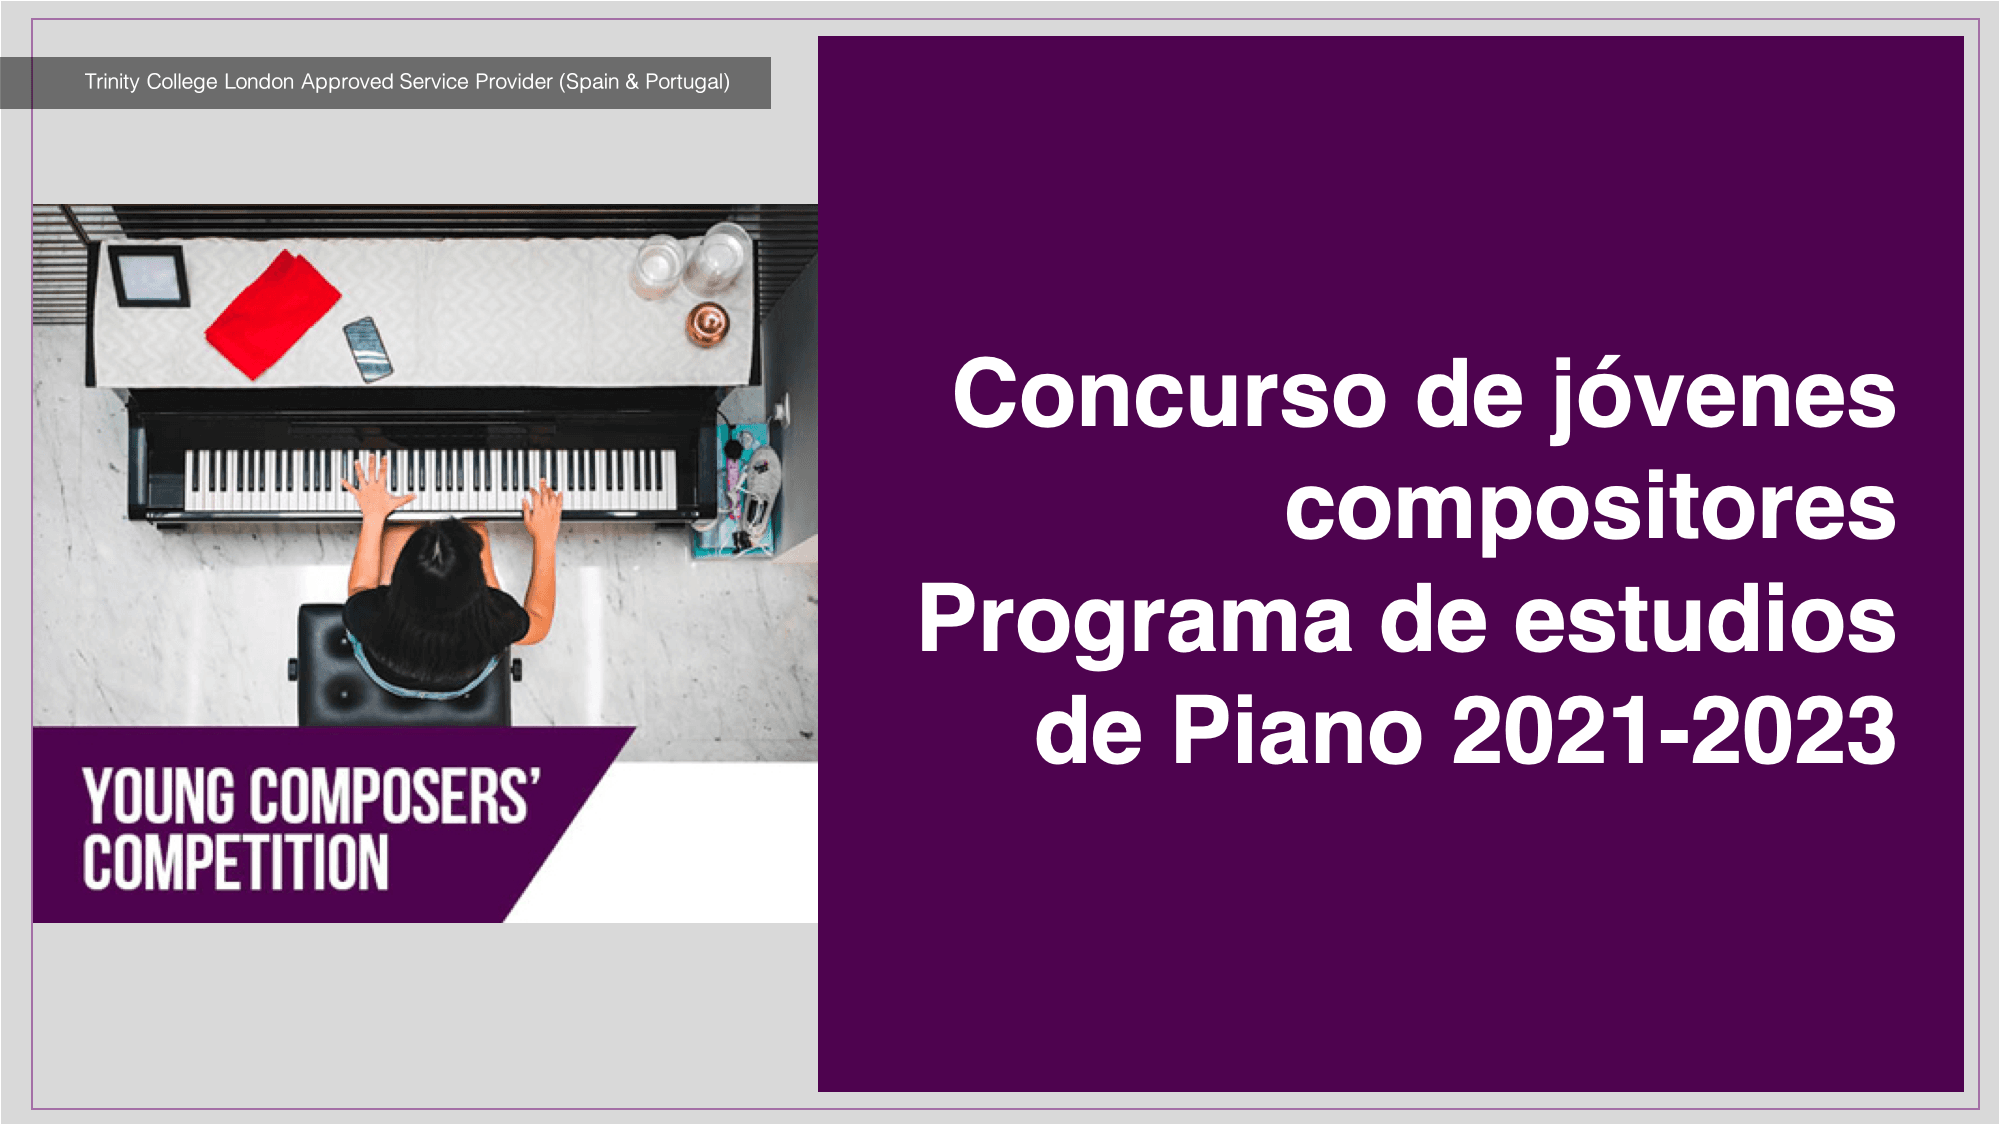 Concurso de jóvenes compositores Programa de estudios de Piano 2021-2023